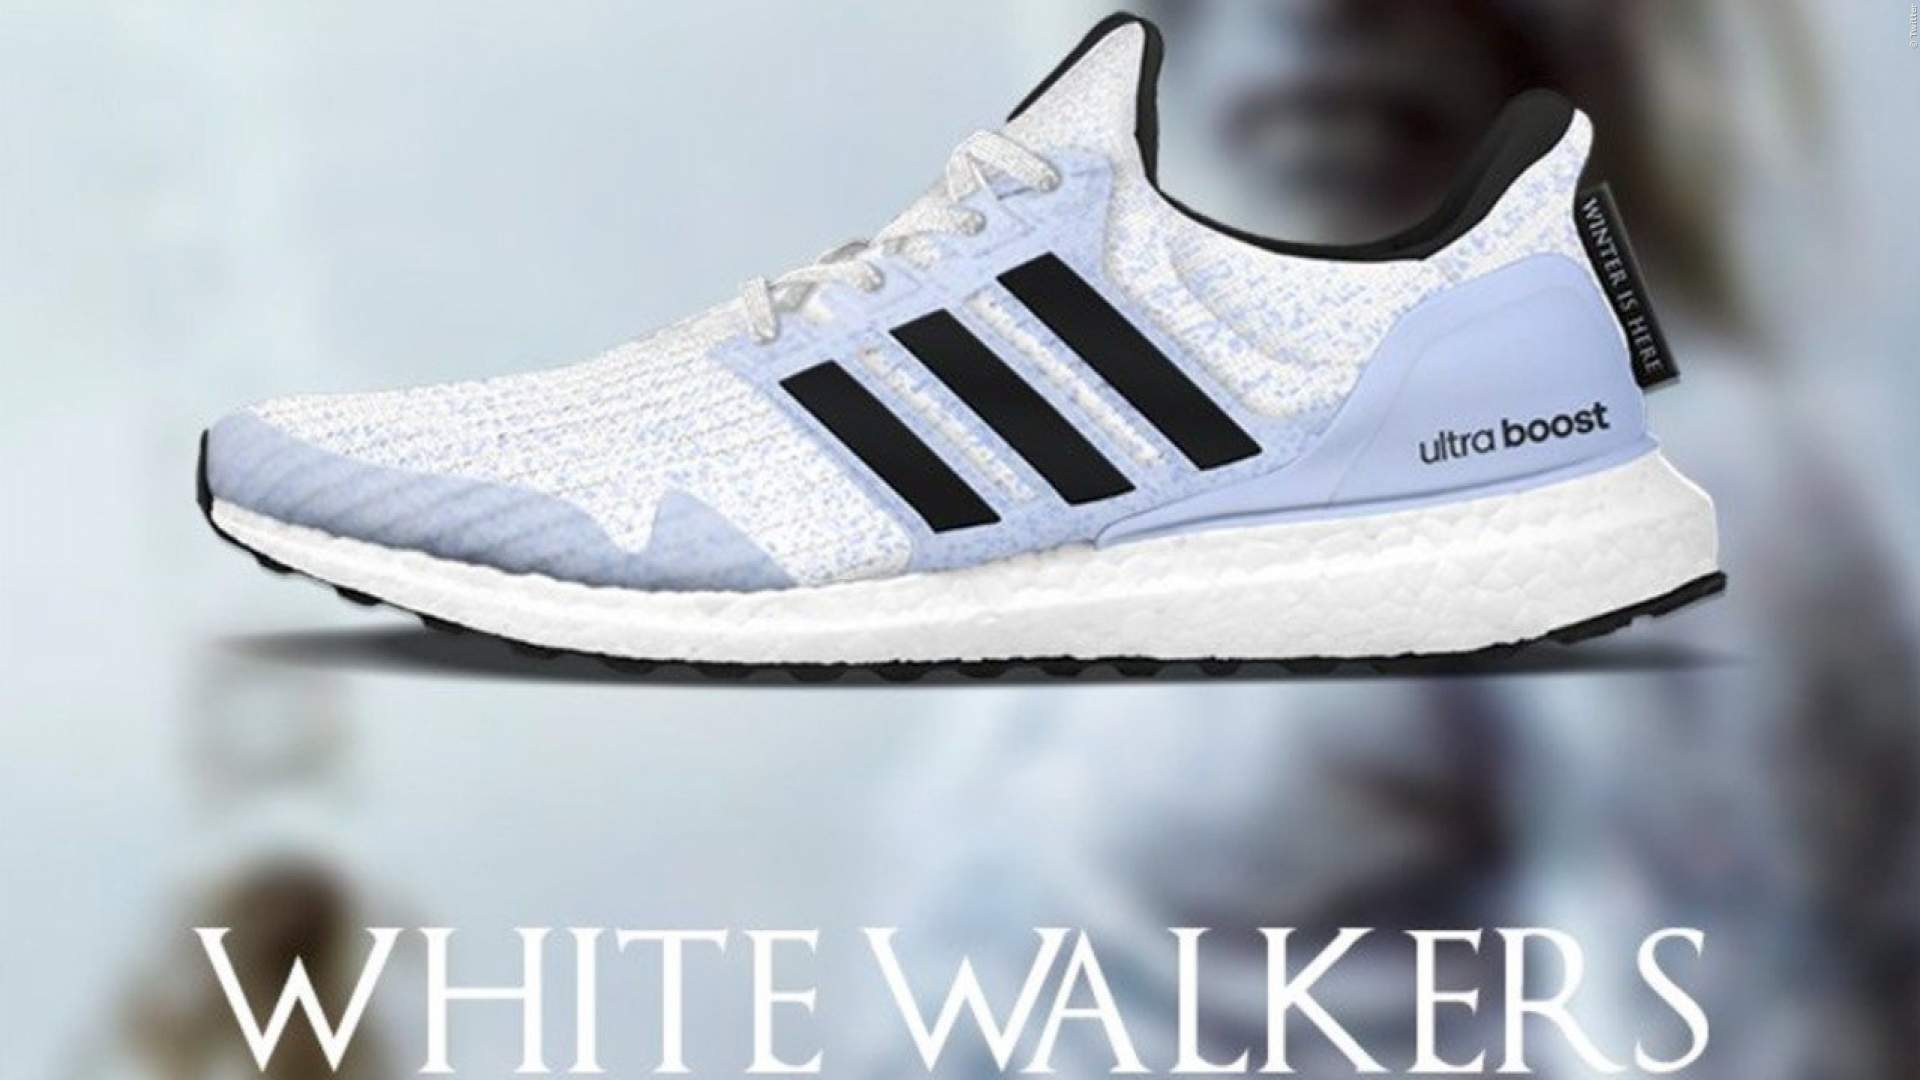 Game Of Thrones-Schuhe für echte Fans - Bild 5 von 6